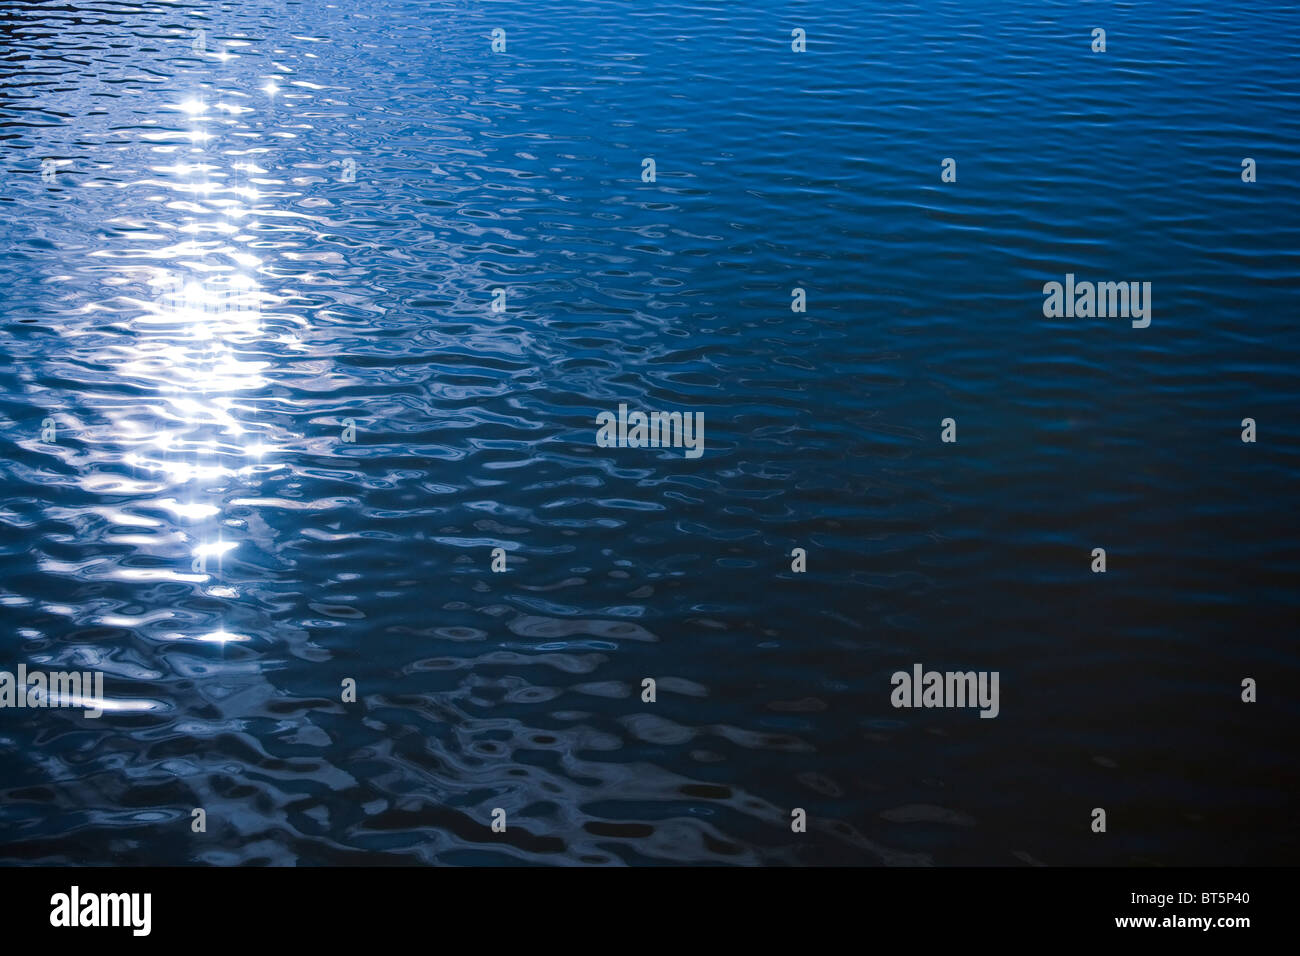 La luce del sole riflesso in acque torbide superficie . immagini naturali Immagini Stock